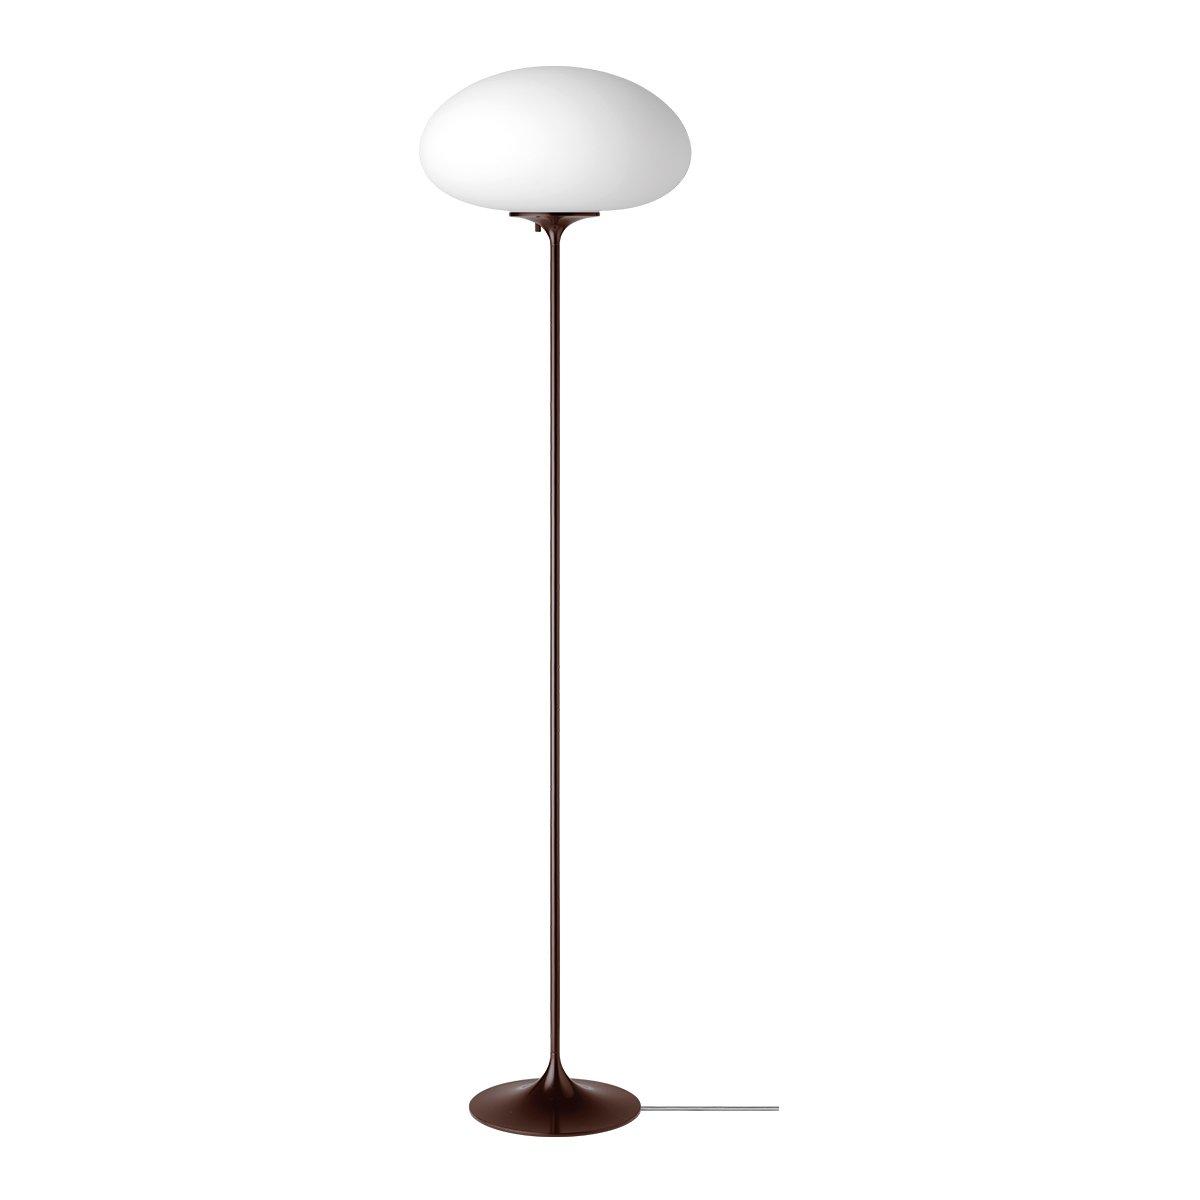 Gubi Stemlite Vloerlamp - H. 150 cm./Black Red